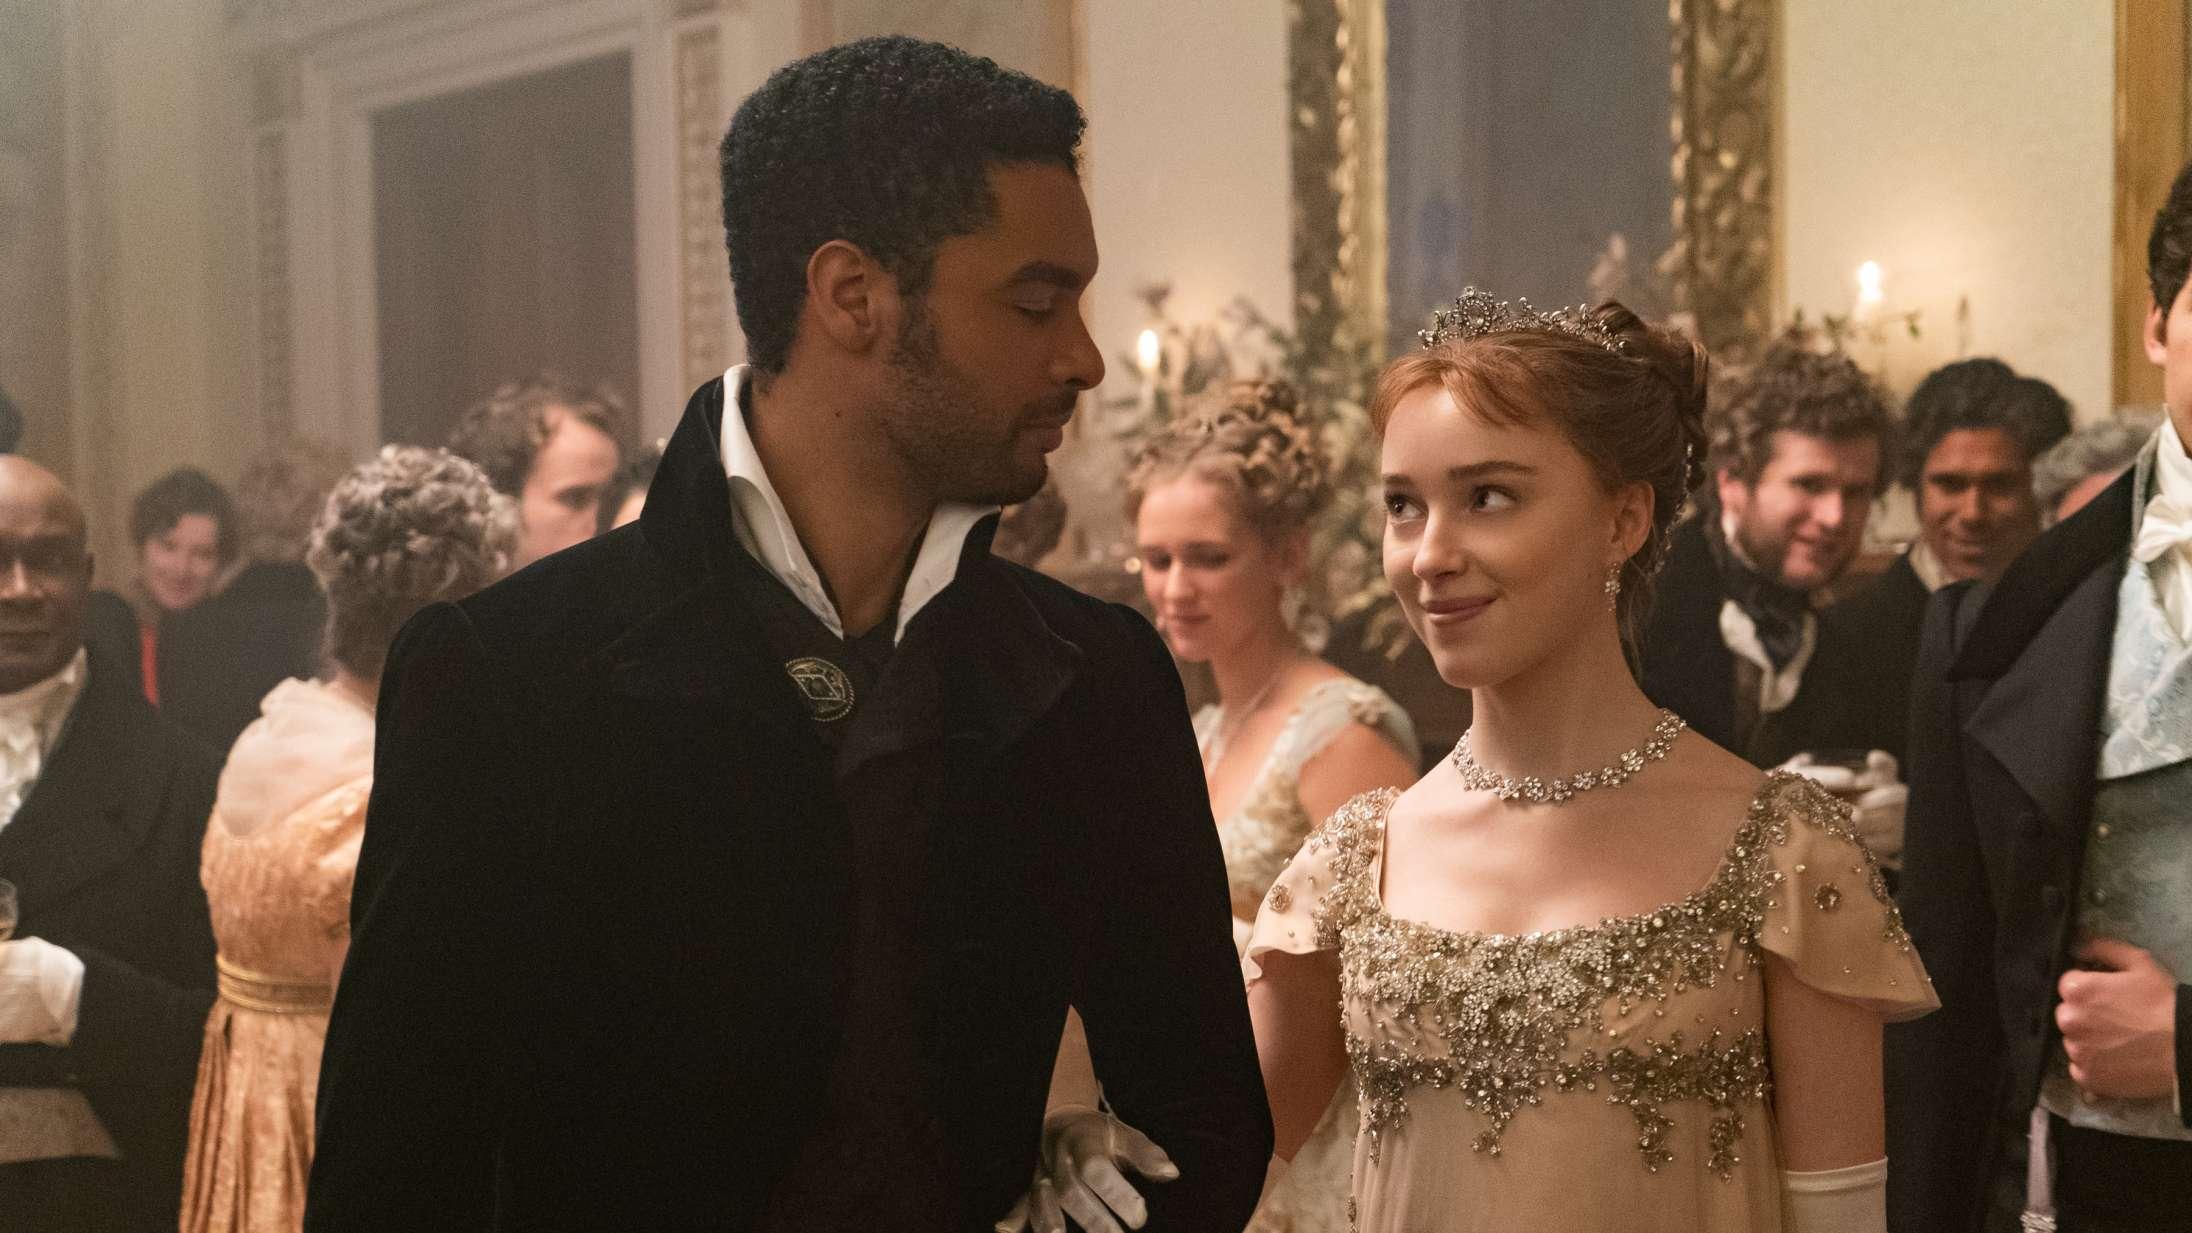 Nyt fra 007-rygtebørsen: Kan 'Bridgerton'-favorit blive den nye James Bond?